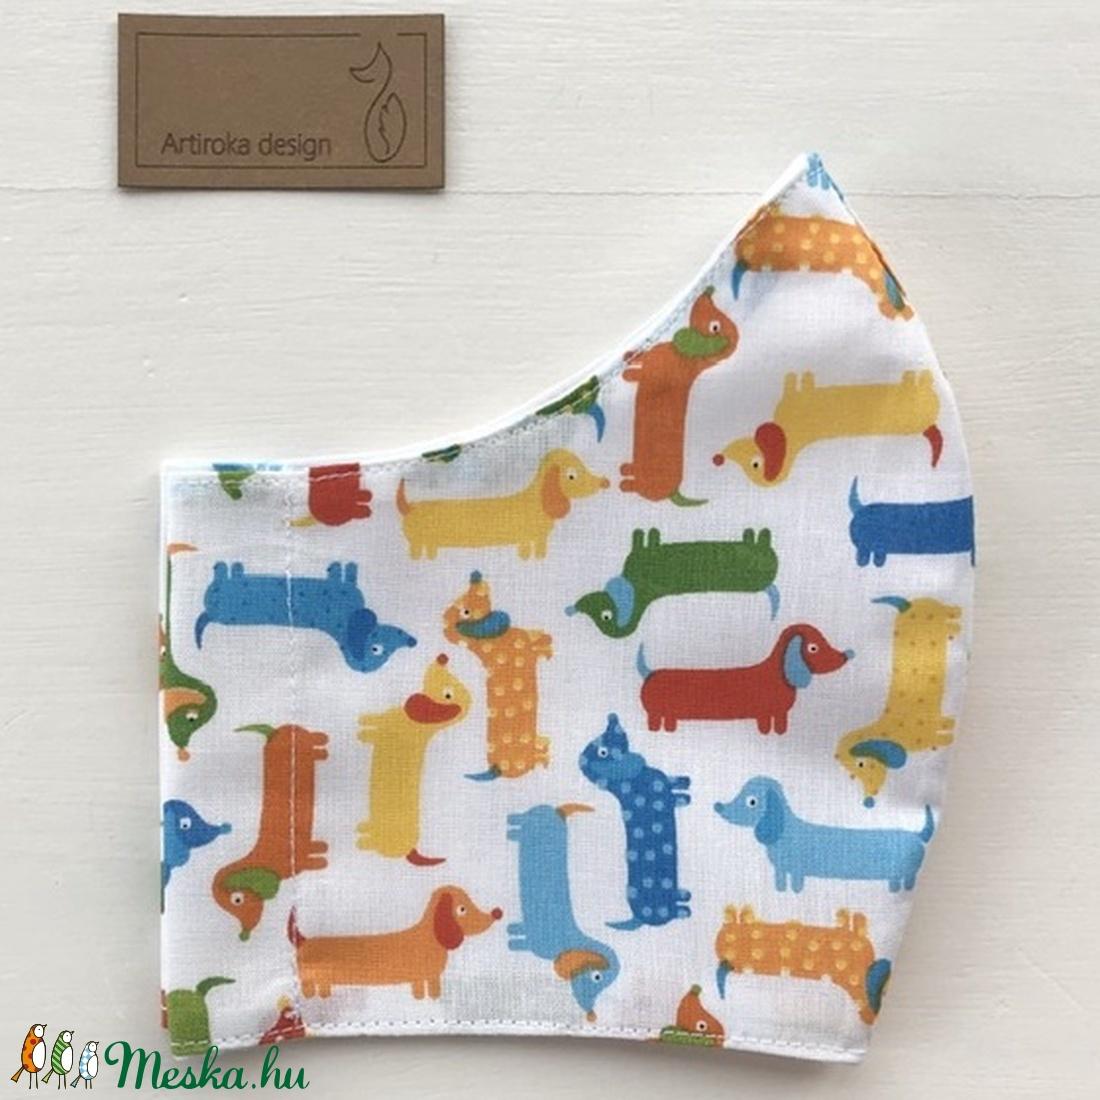 Tacskó kutya mintás arcmaszk, szájmaszk, maszk - Artiroka design - maszk, arcmaszk - gyerek - Meska.hu